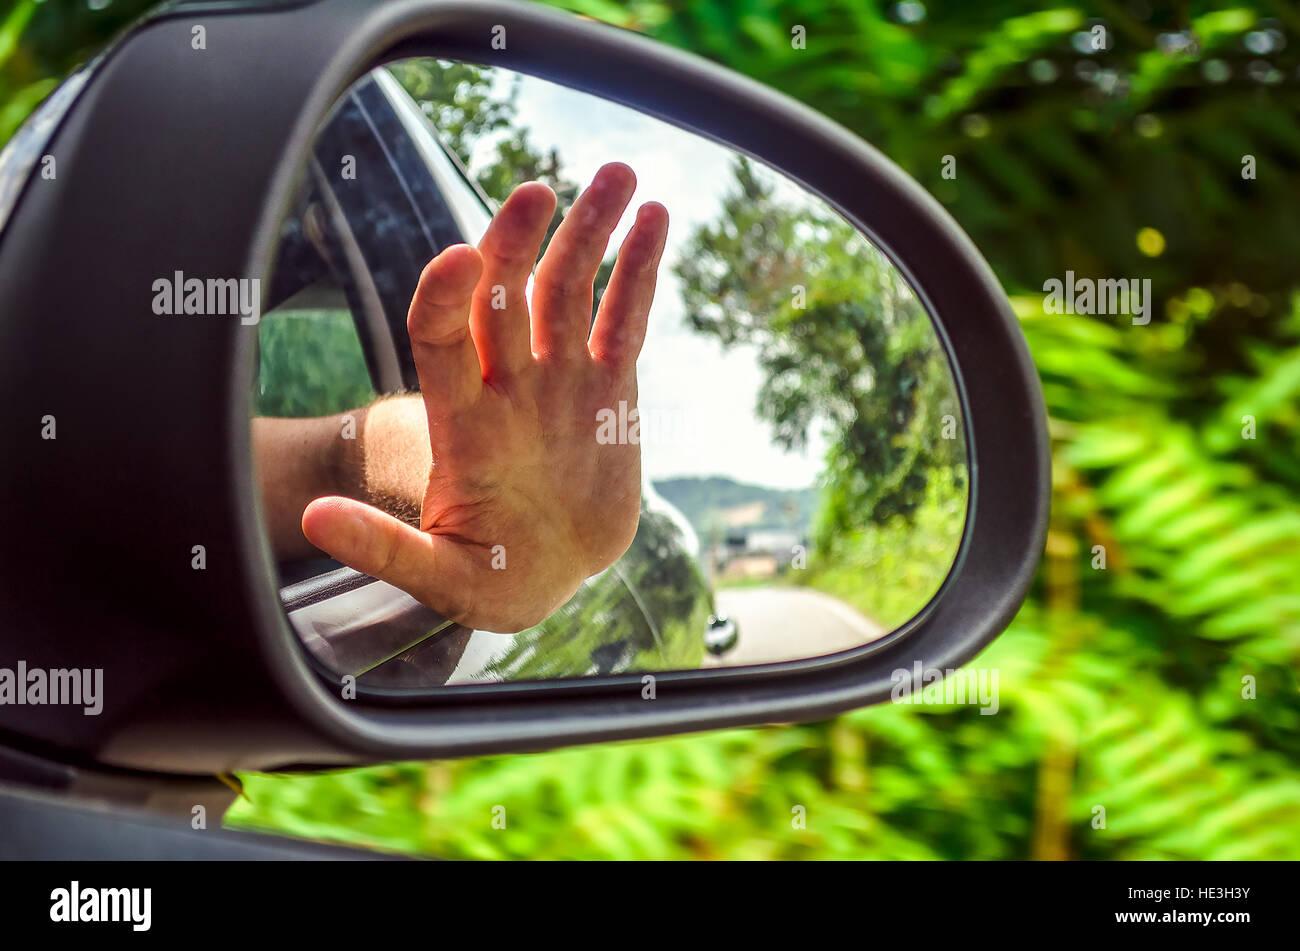 Espejo retrovisor mano car window Imagen De Stock